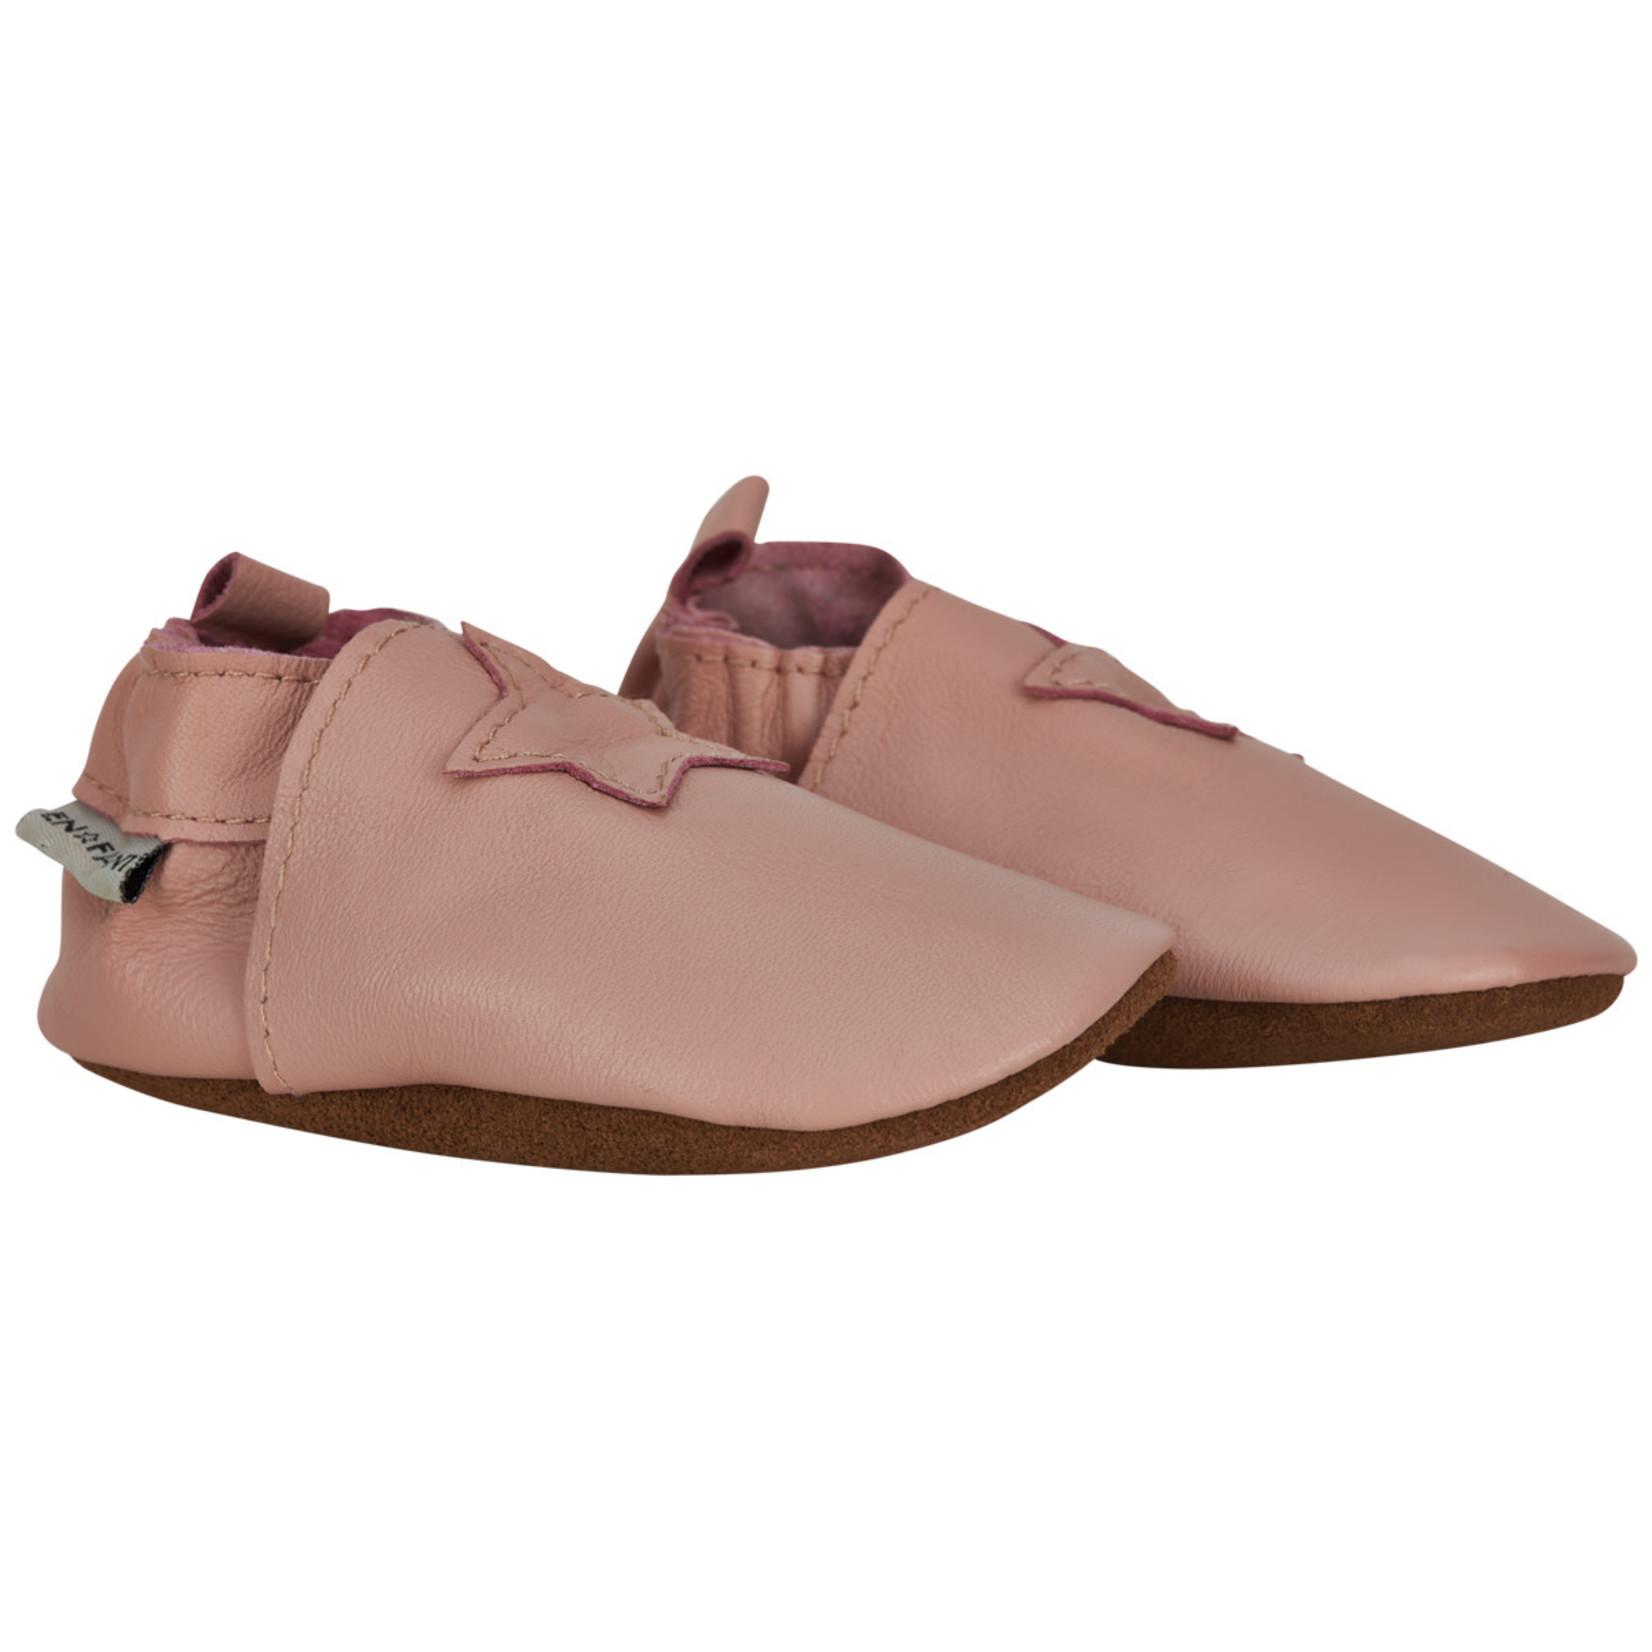 En Fant Lederen Stapschoentjes Light Pink